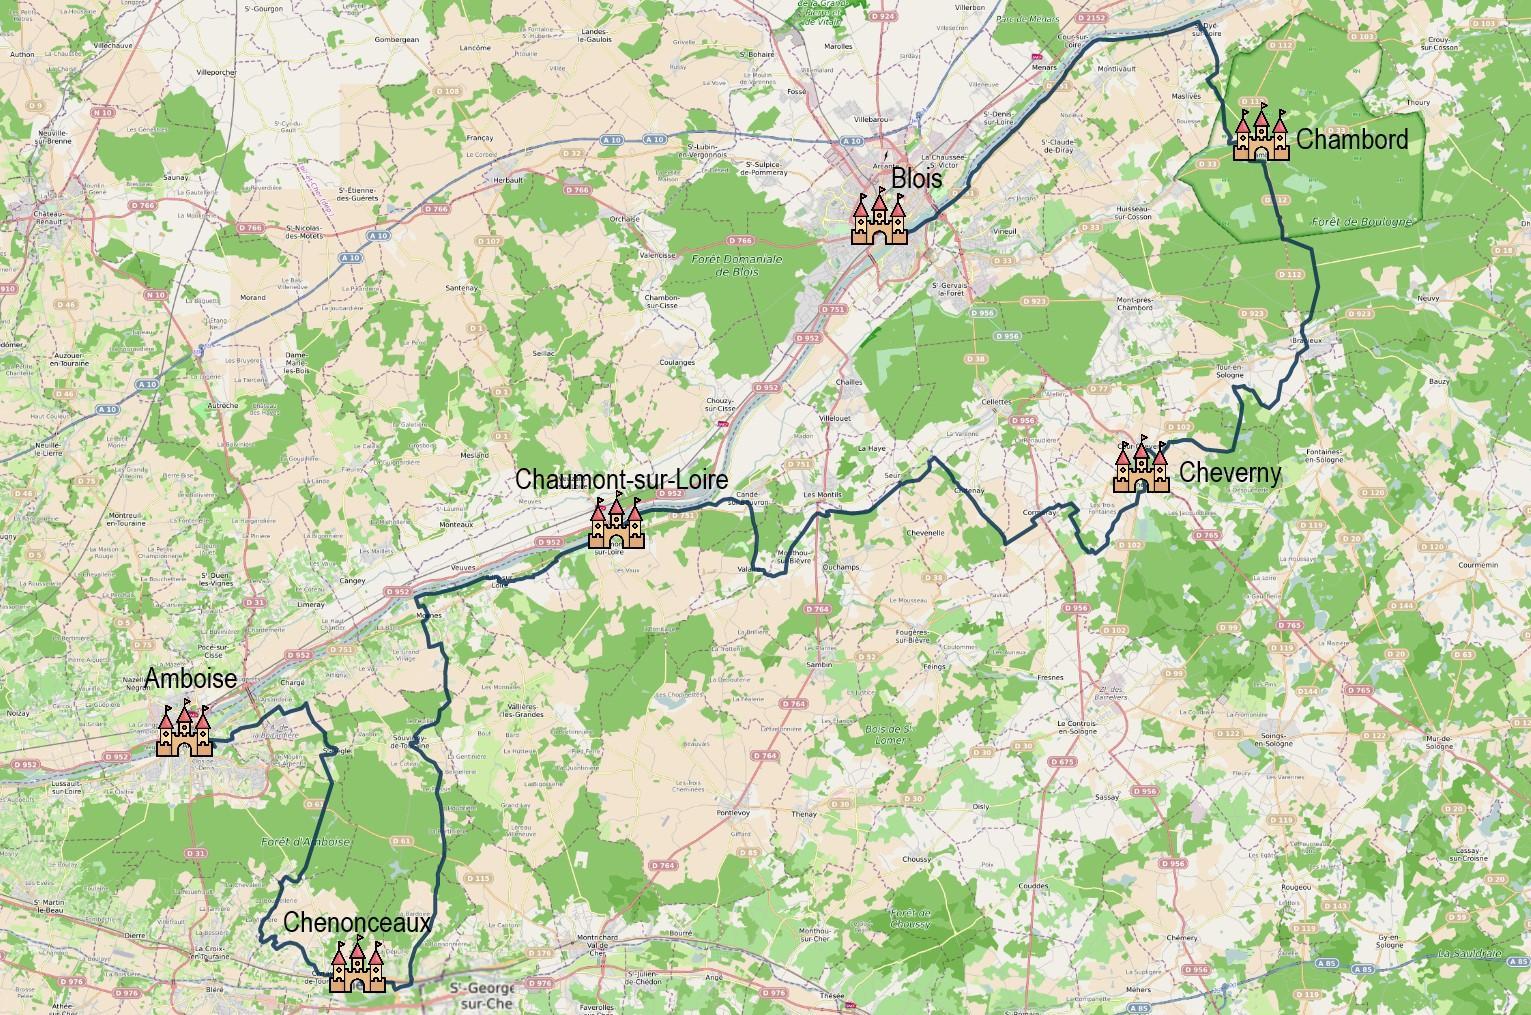 Echappée à vélo entre Chambord et Chenonceau